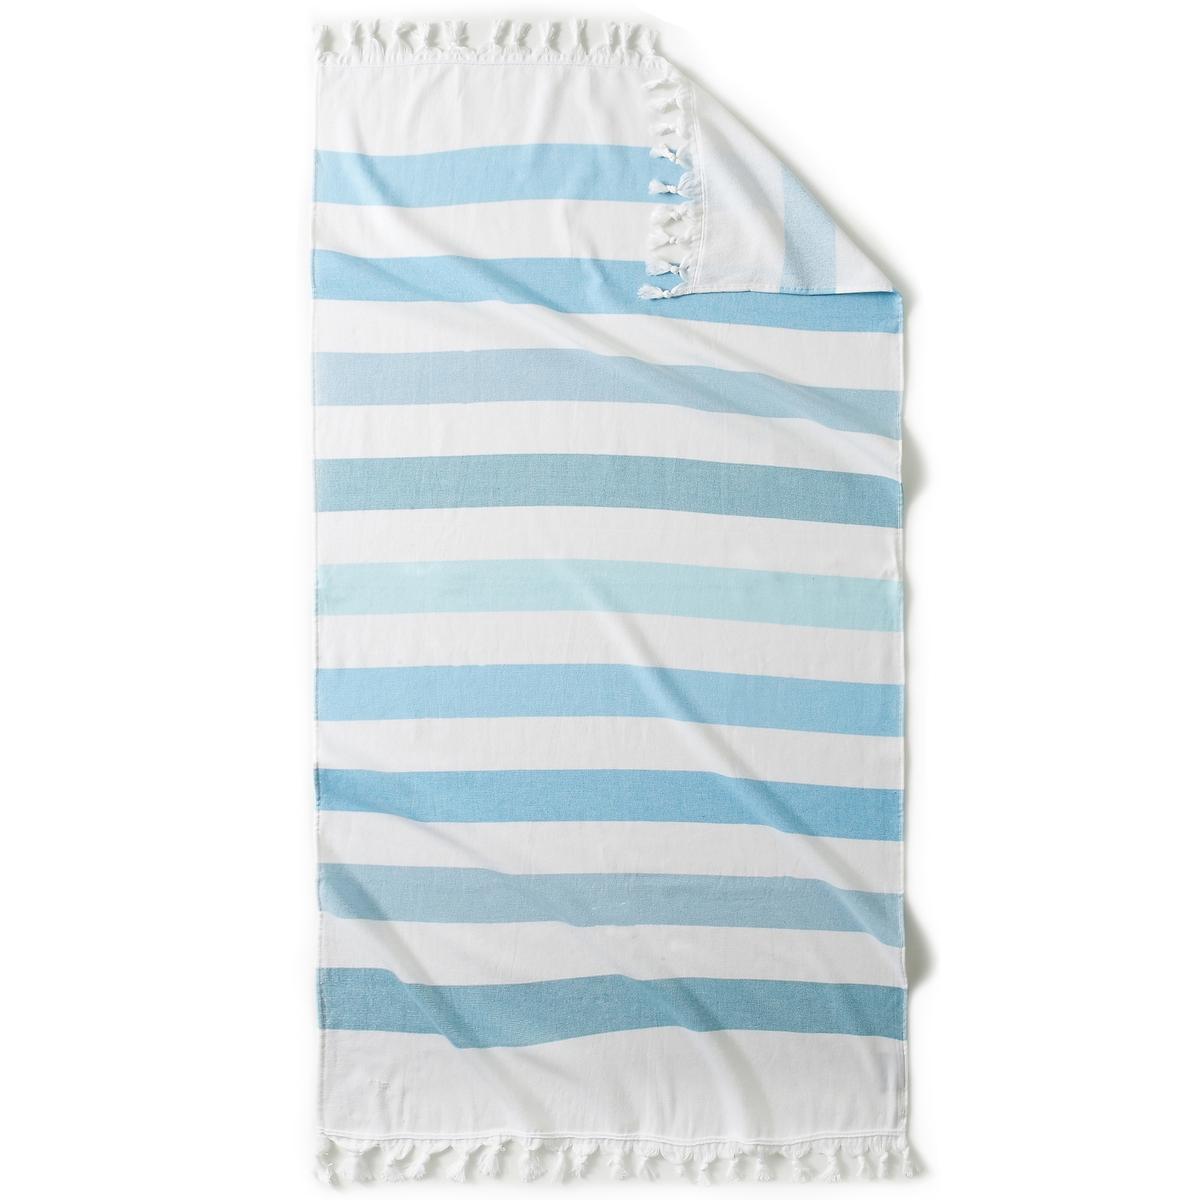 Полотенце пляжное Fouta Jolly, с махровой подкладкой, 330г/м²